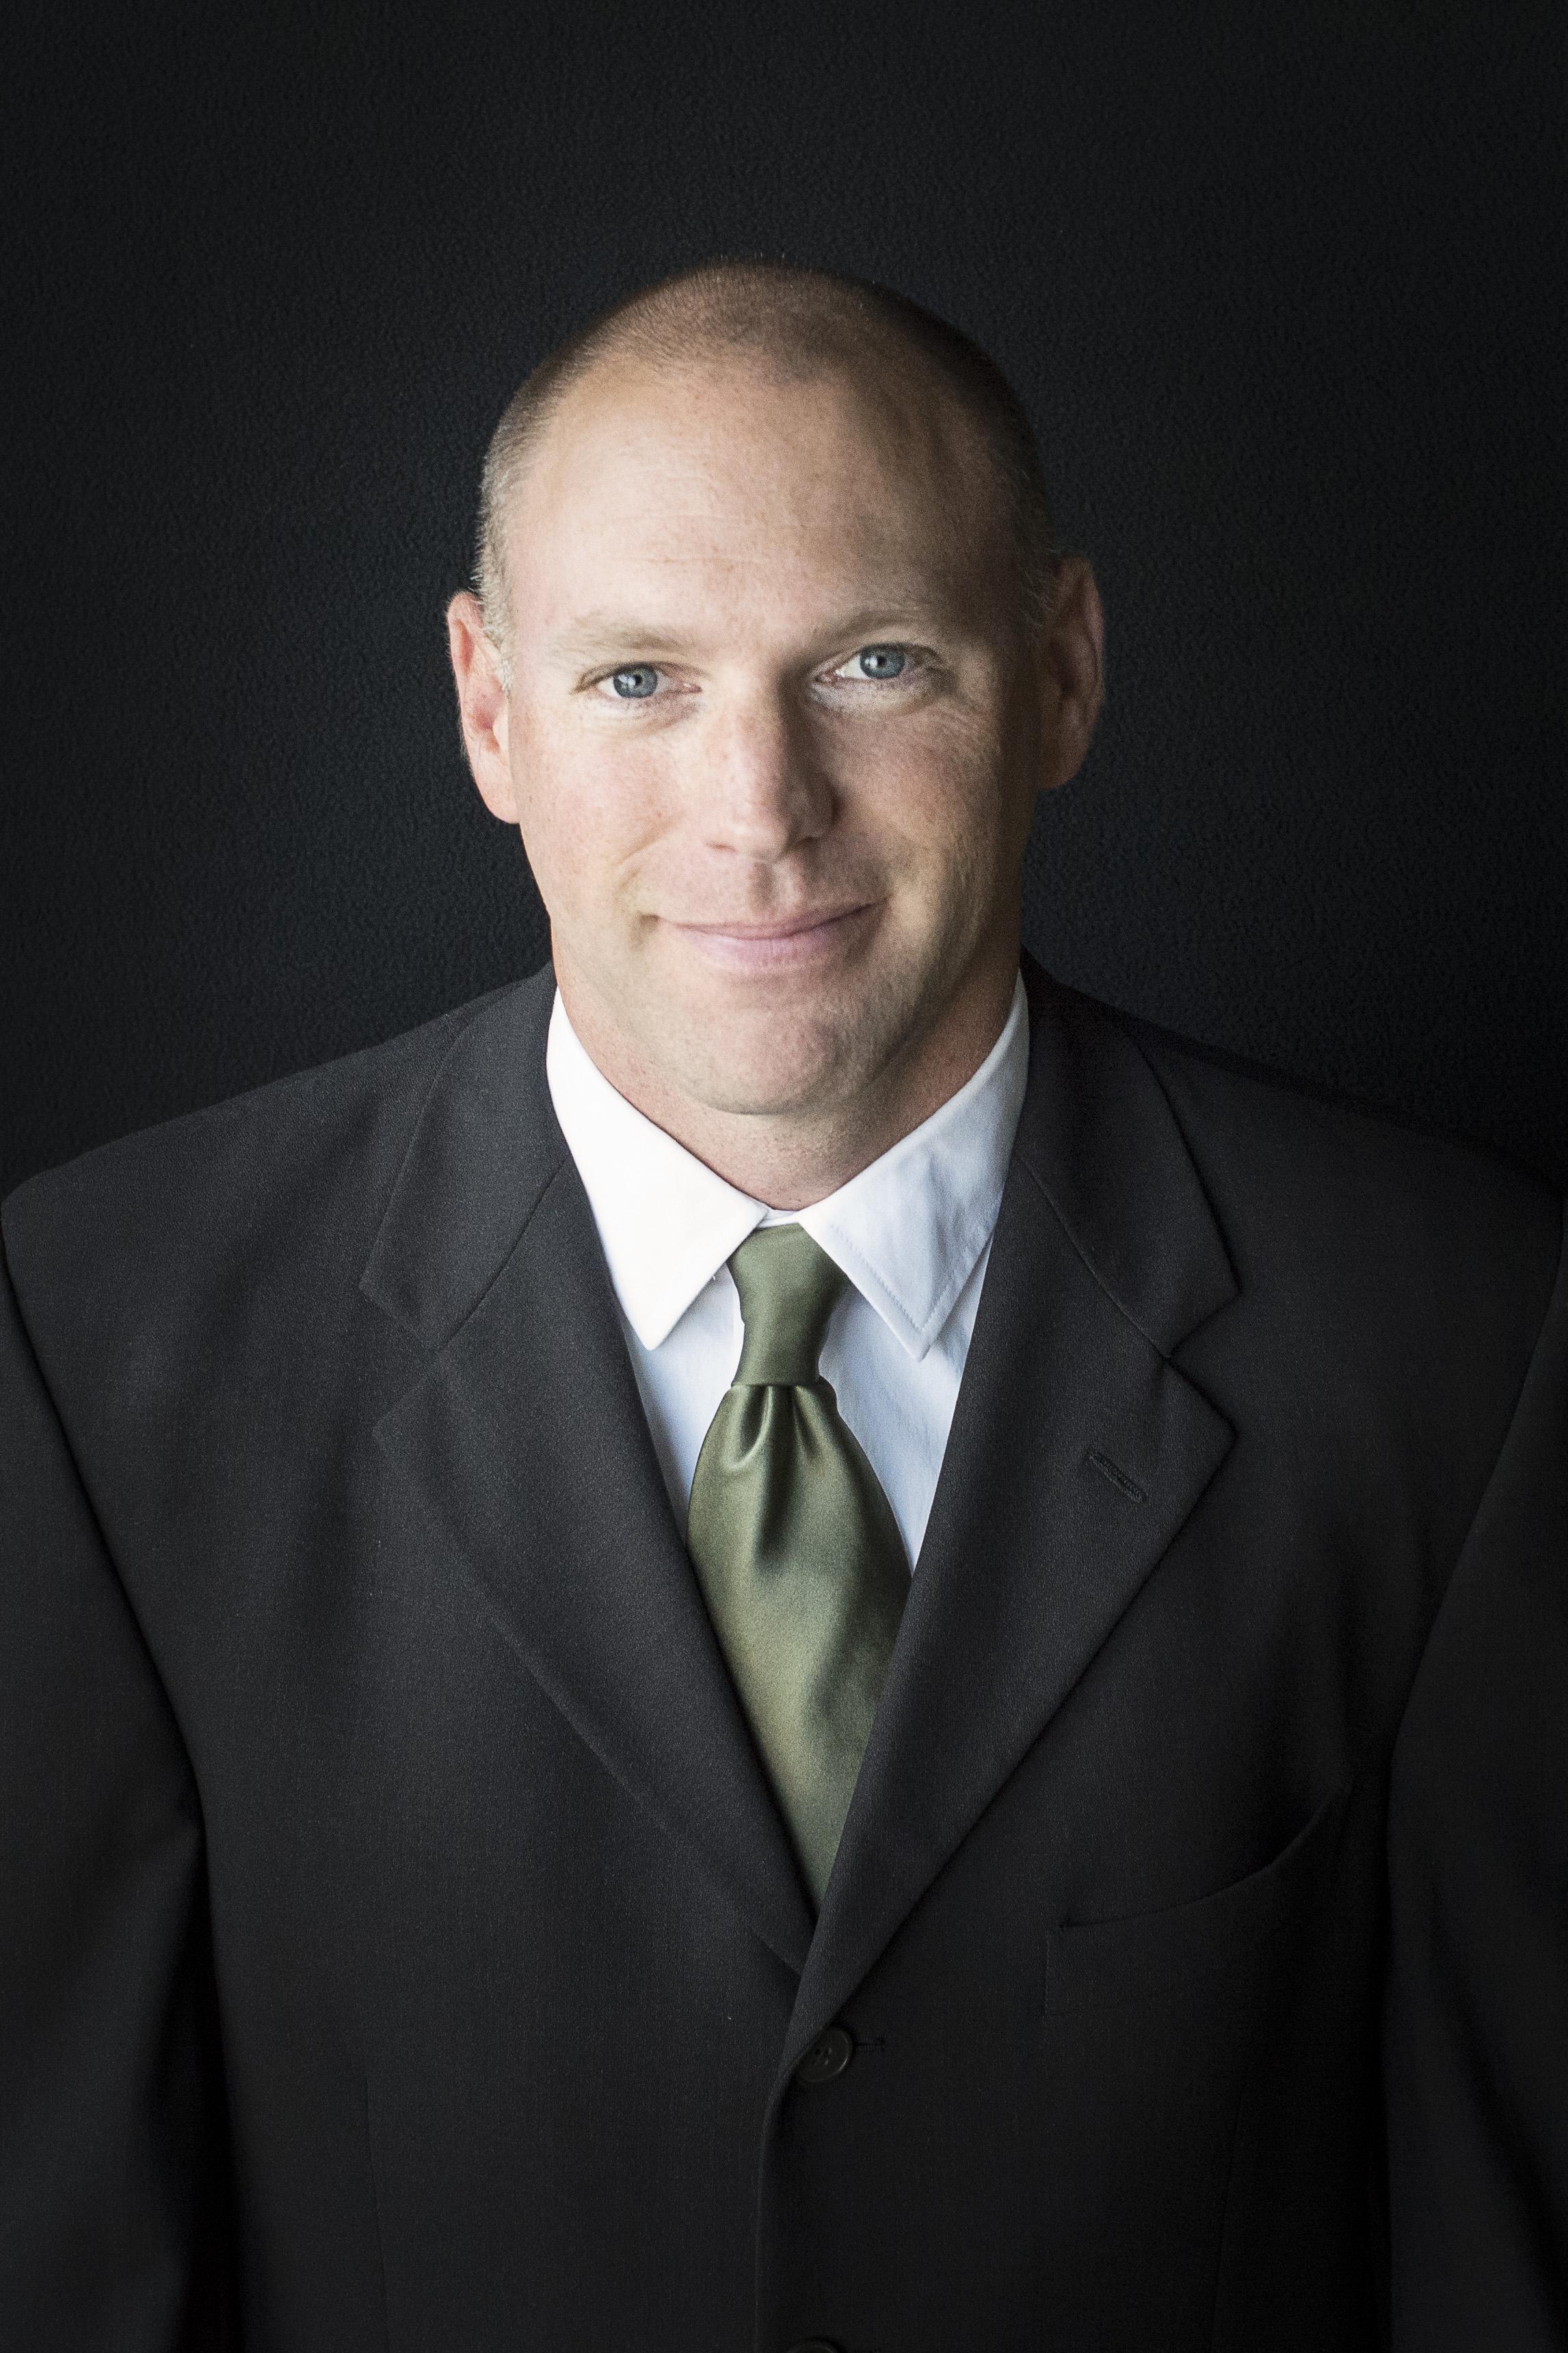 David Wyss